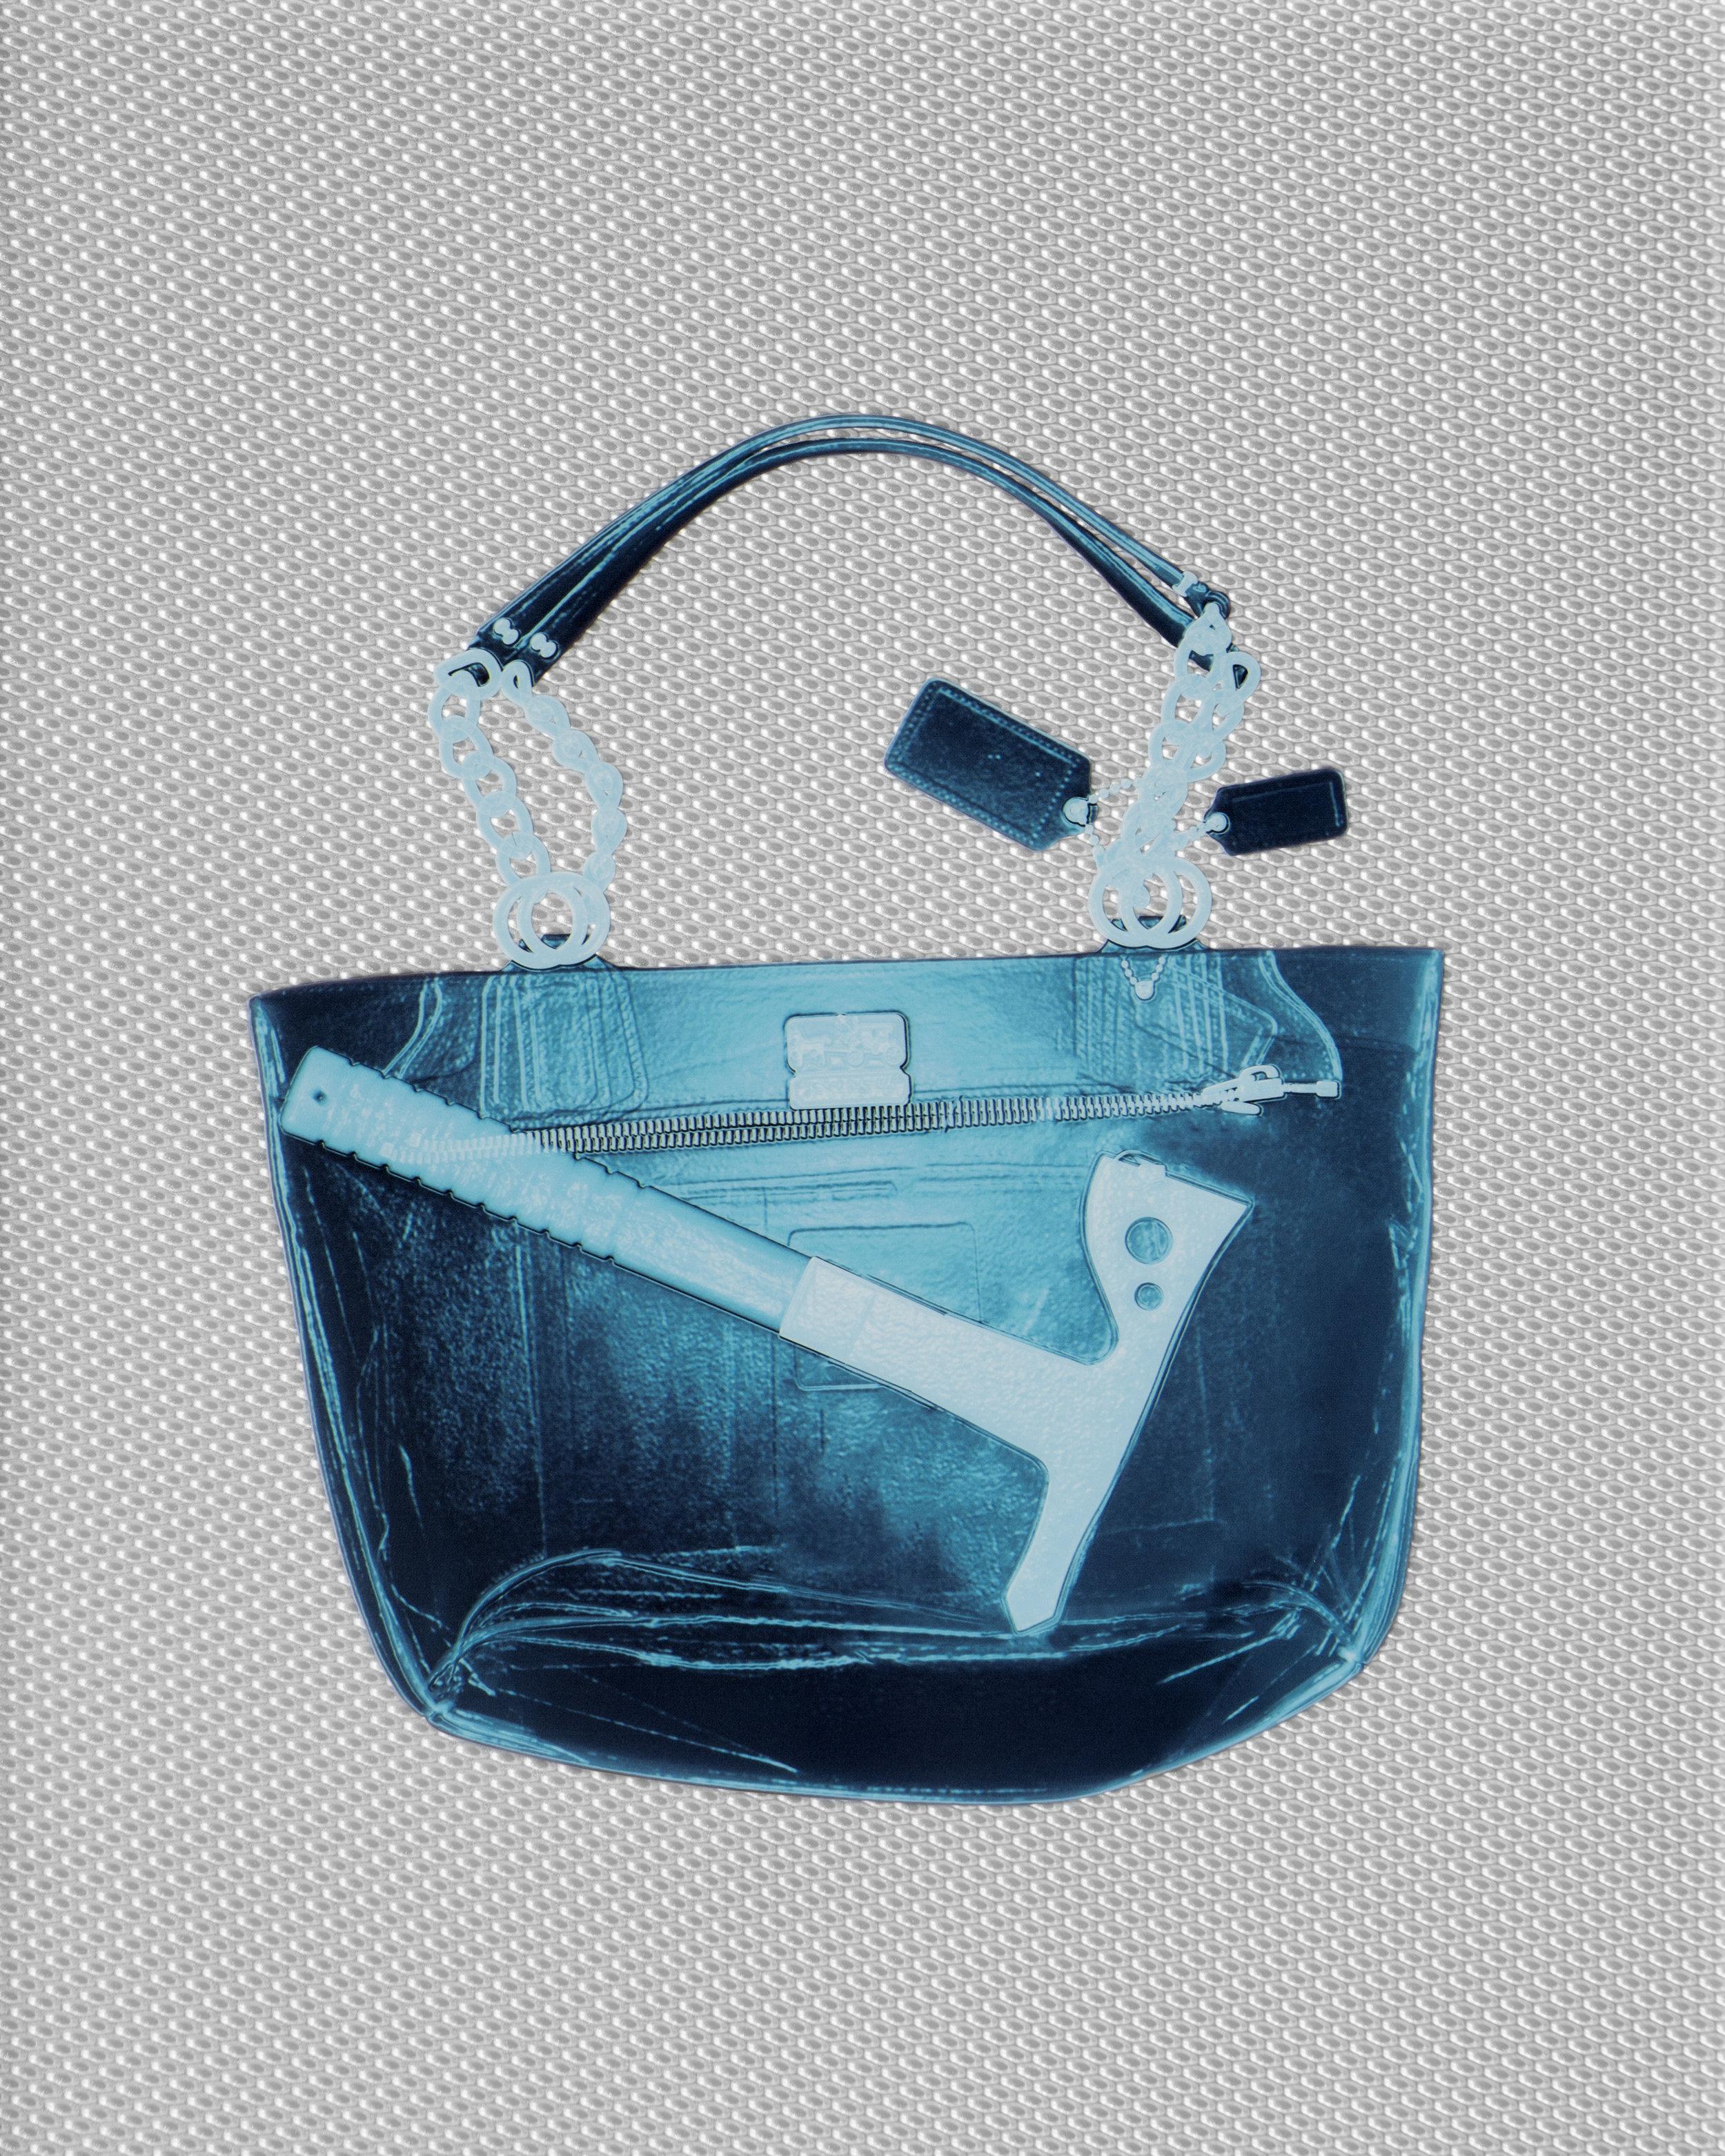 Aqua Coach Handbag with Hatchet